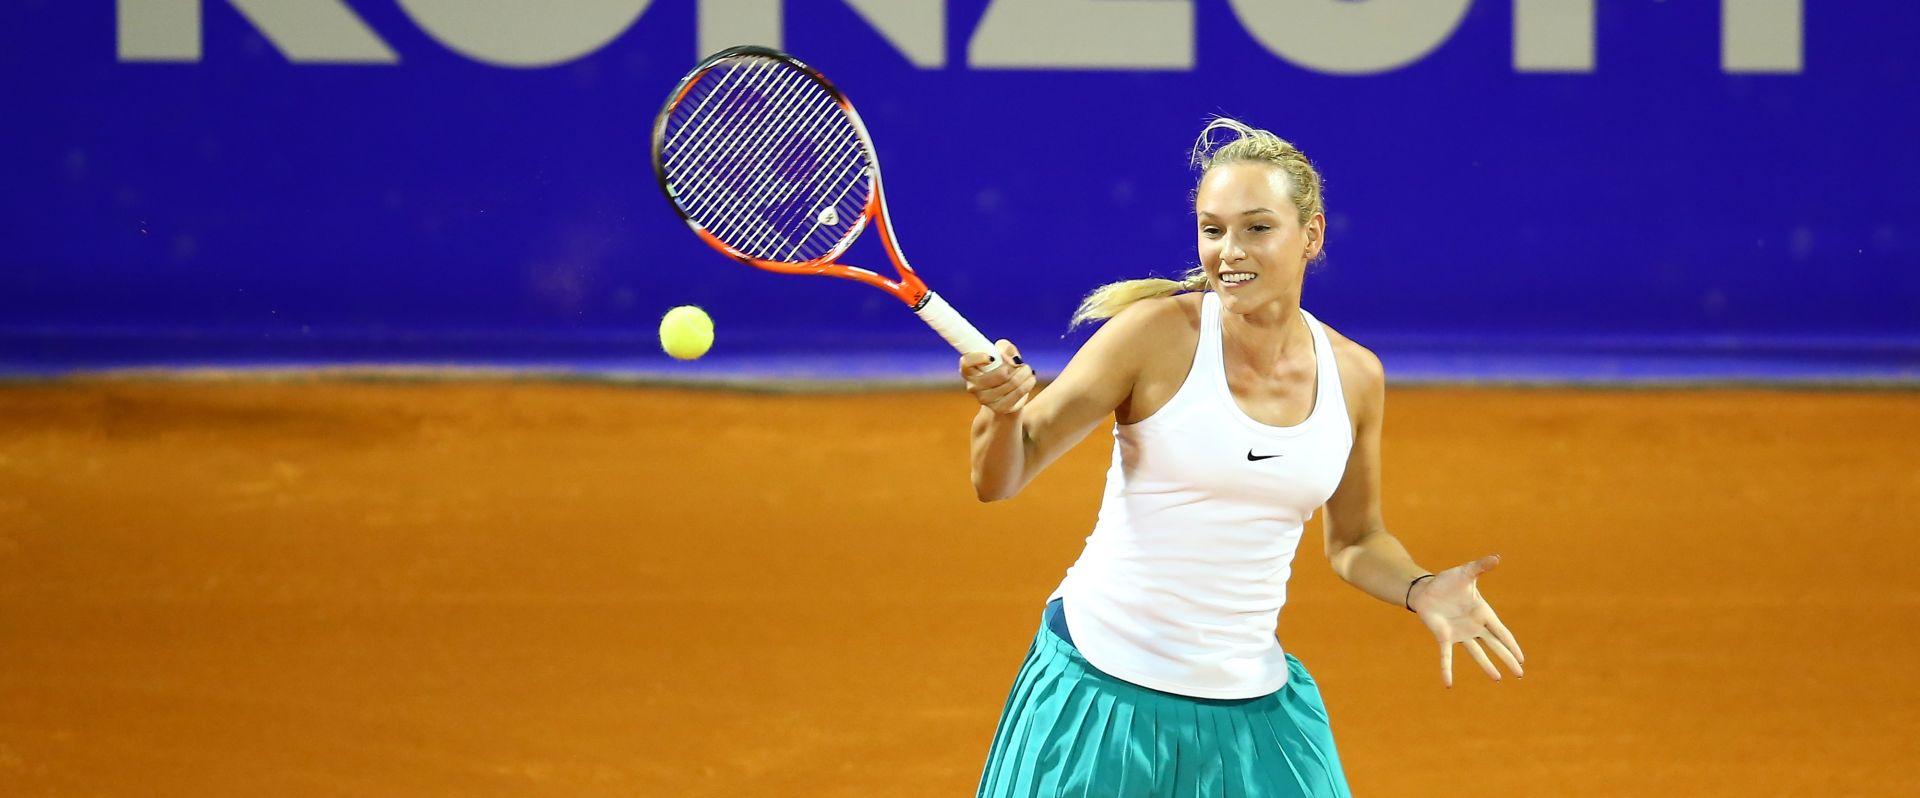 WTA LJESTVICA Donna Vekić se vratila u Top 100